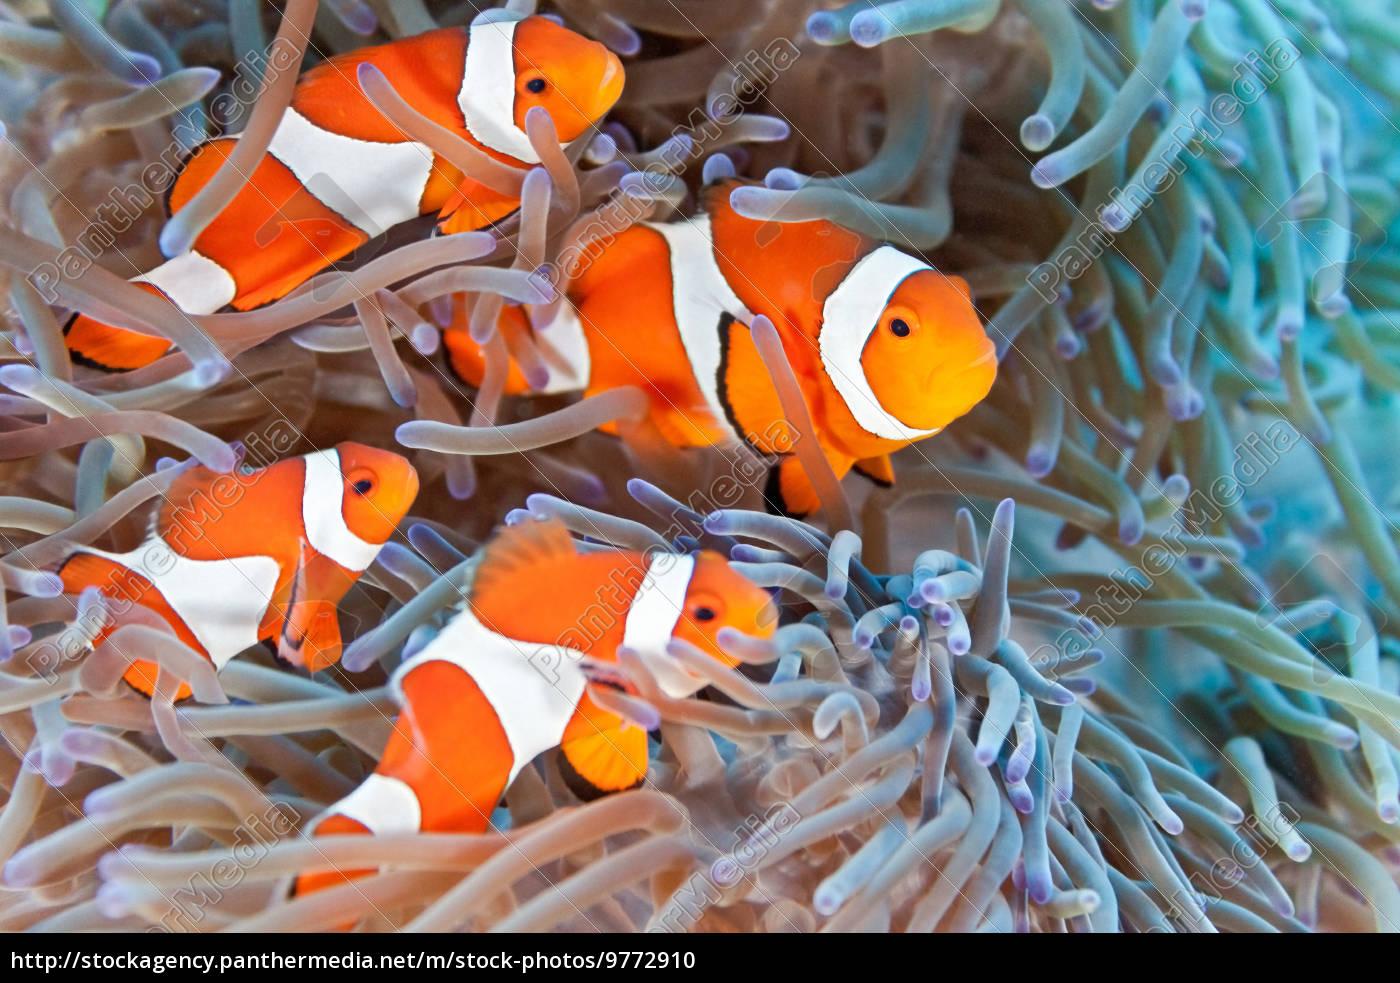 clownfish - 9772910